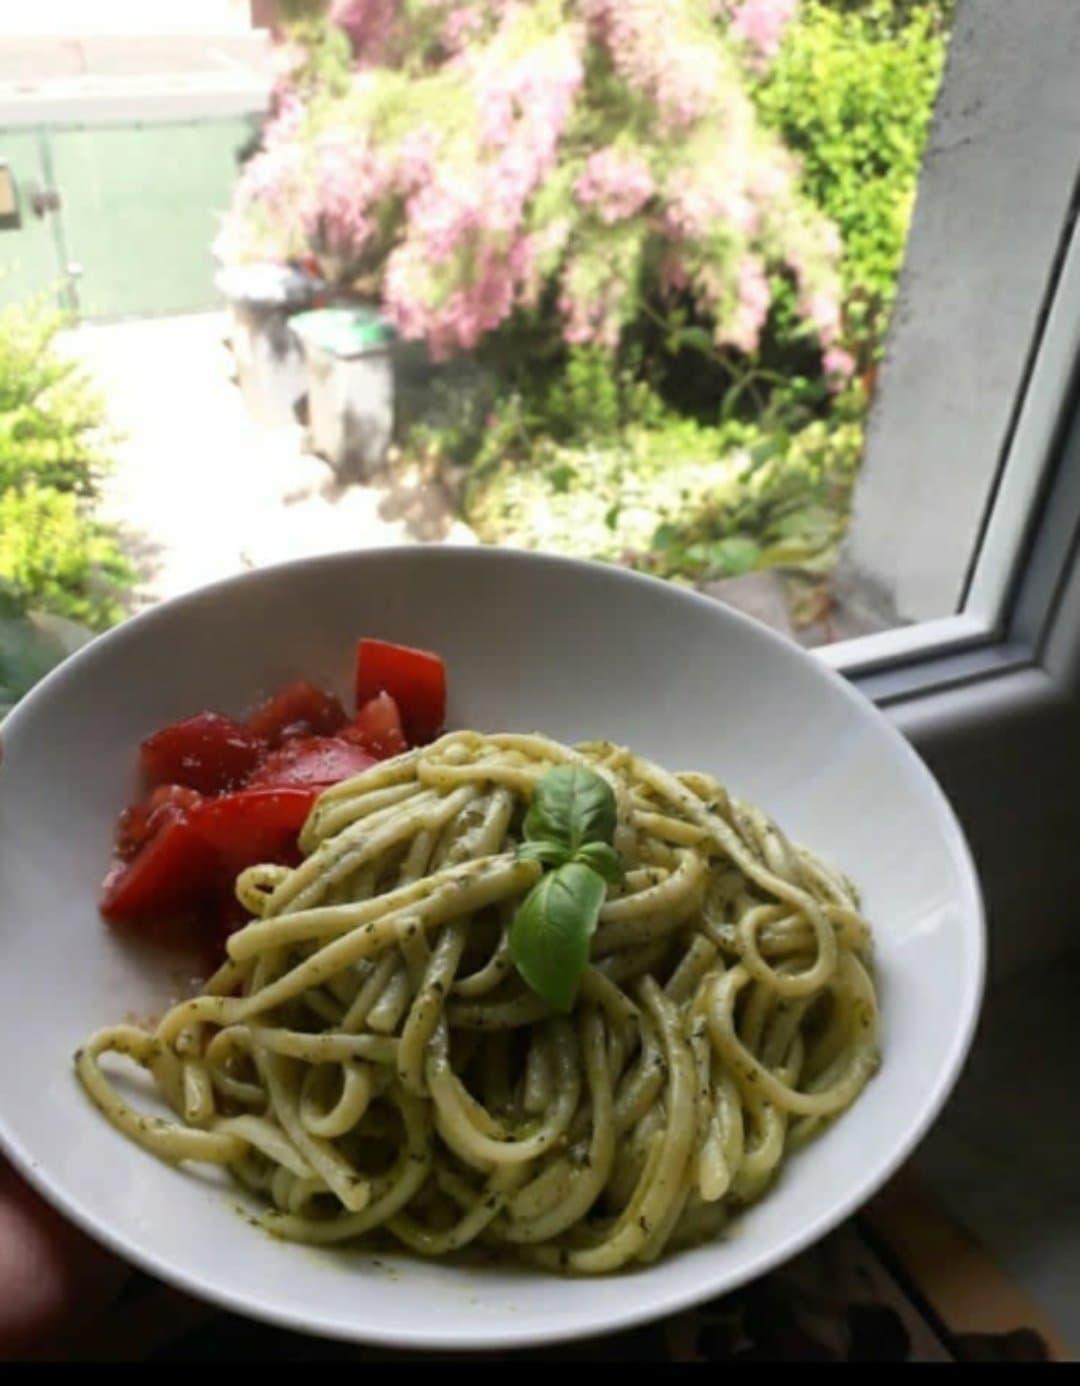 Une image contenant alimentation, table, assiette, plat  Description générée automatiquement